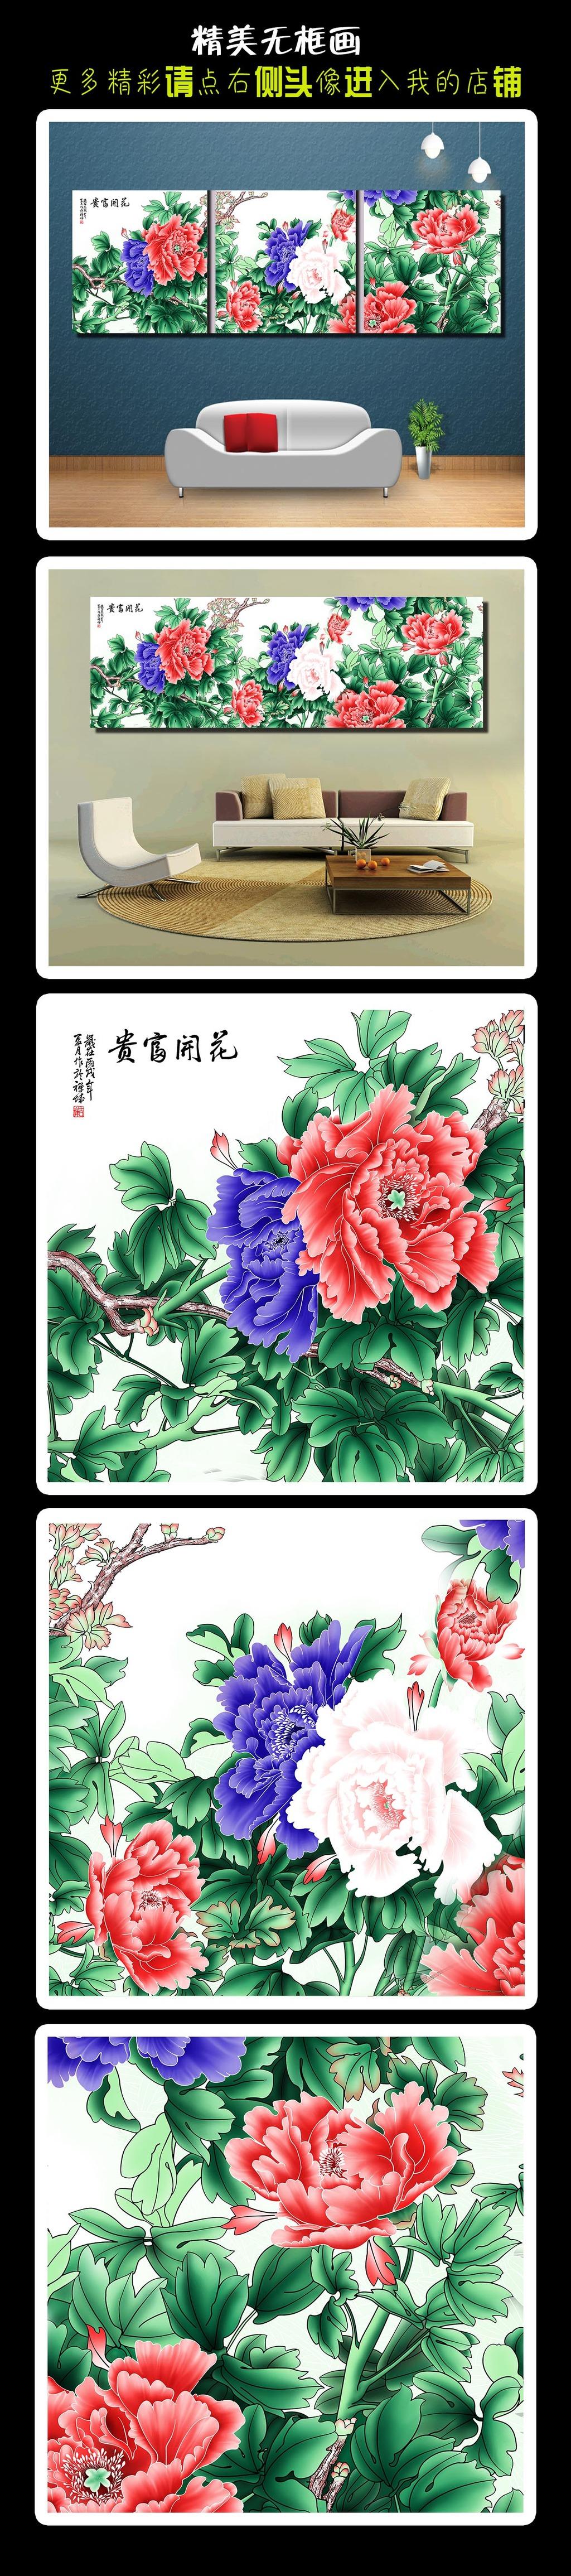 超清手绘牡丹花无框画模板下载 超清手绘牡丹花无框画图片下载 超清